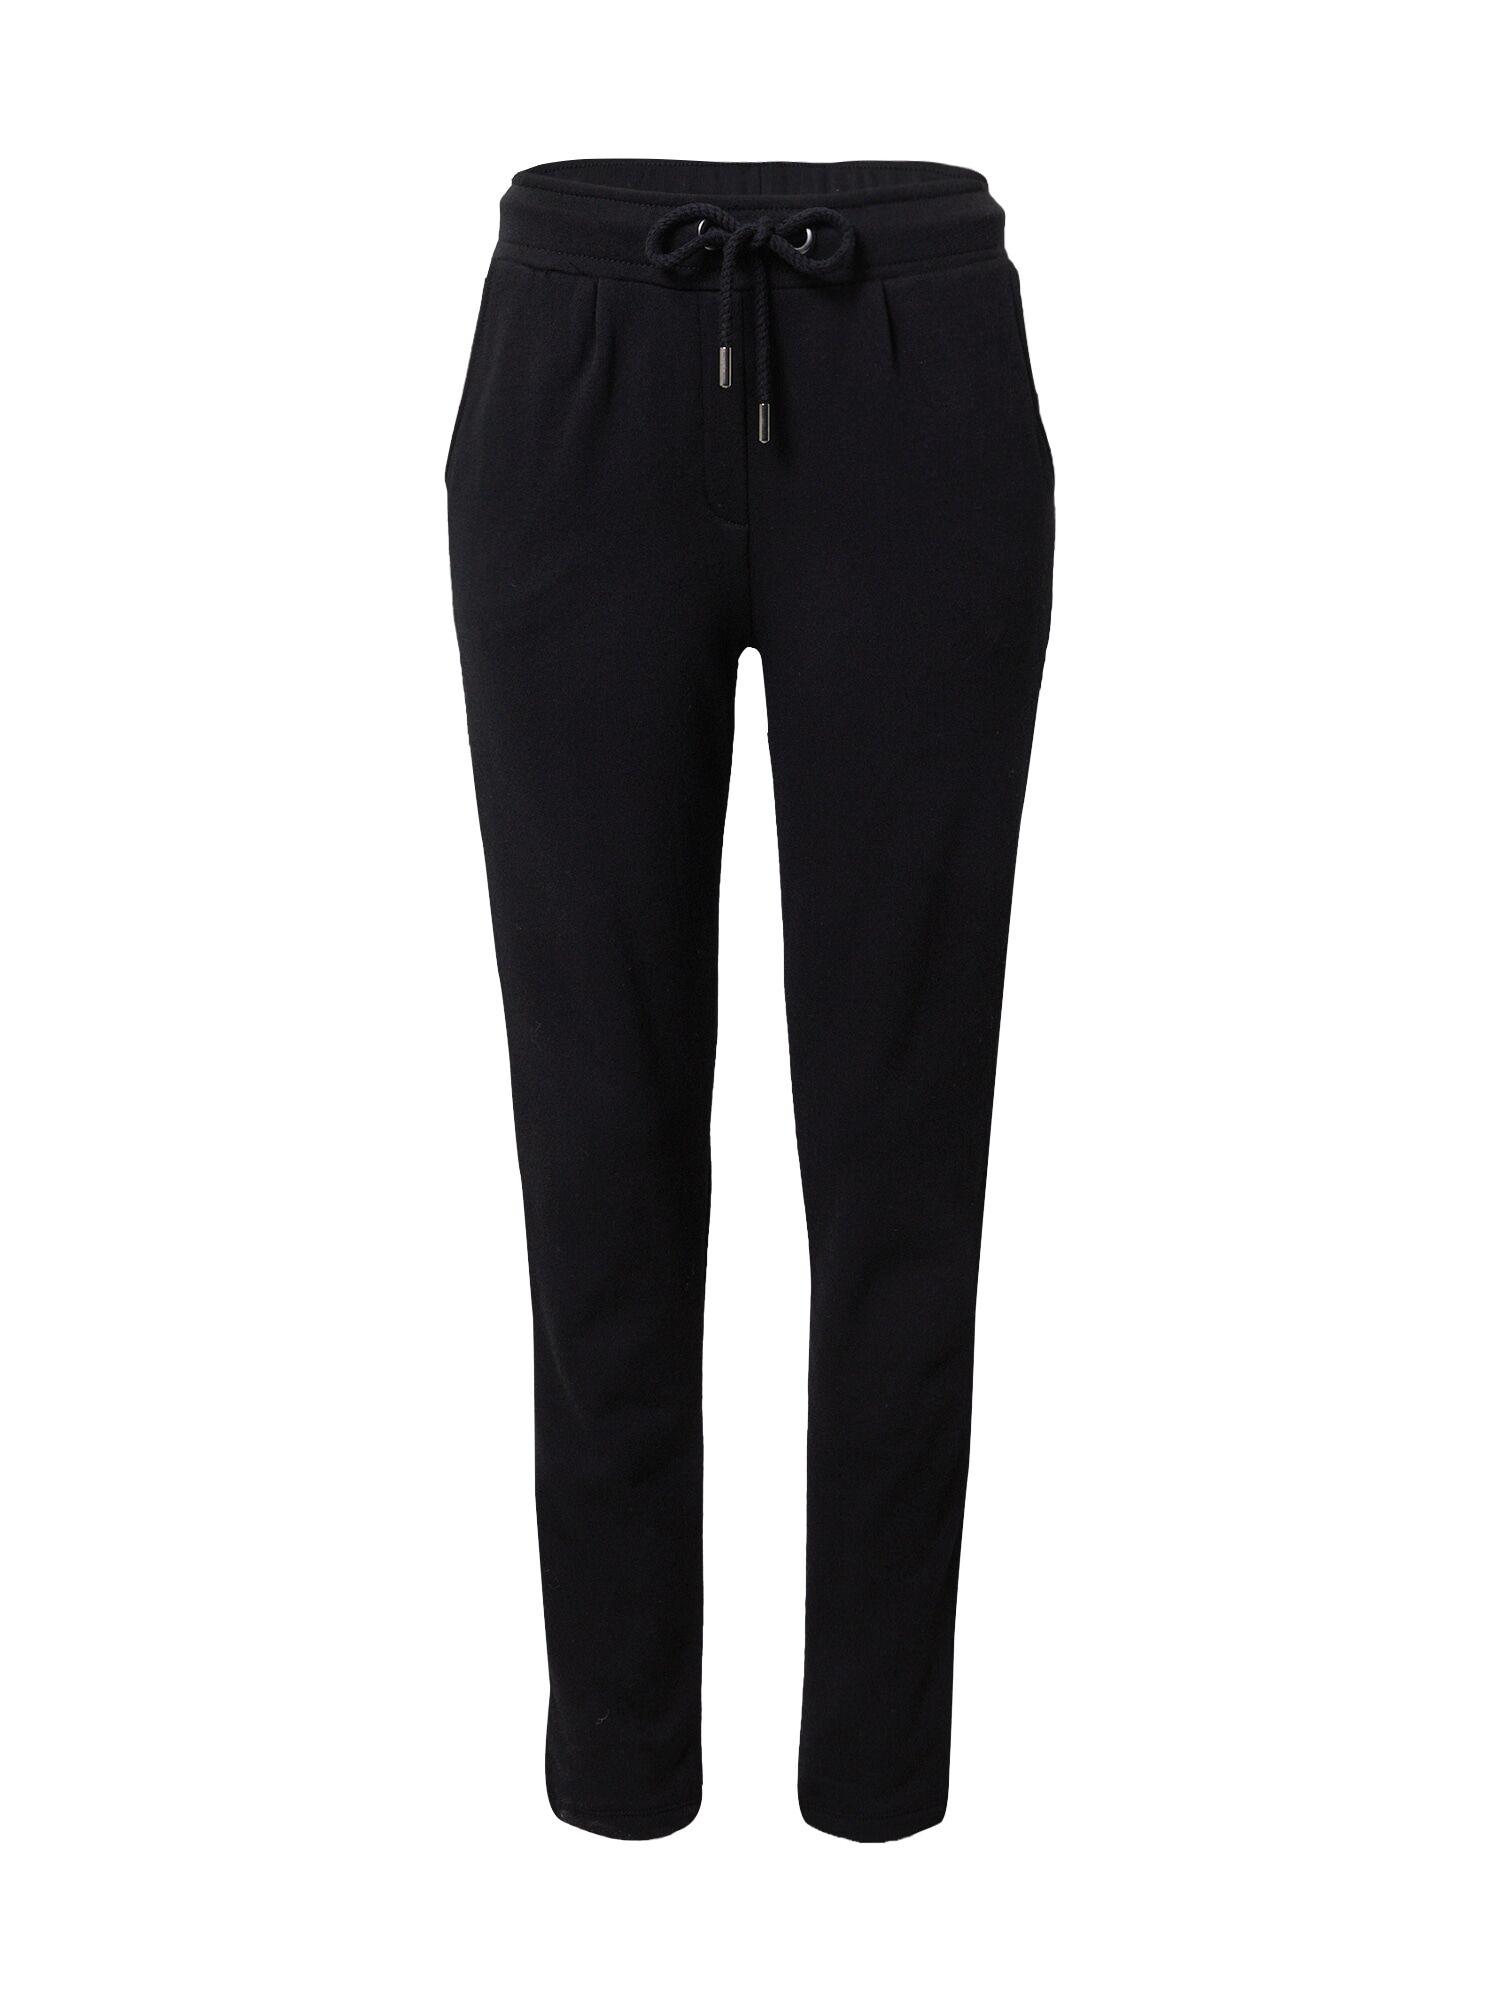 Princess Pantalon à pince  - Noir - Taille: XS - female